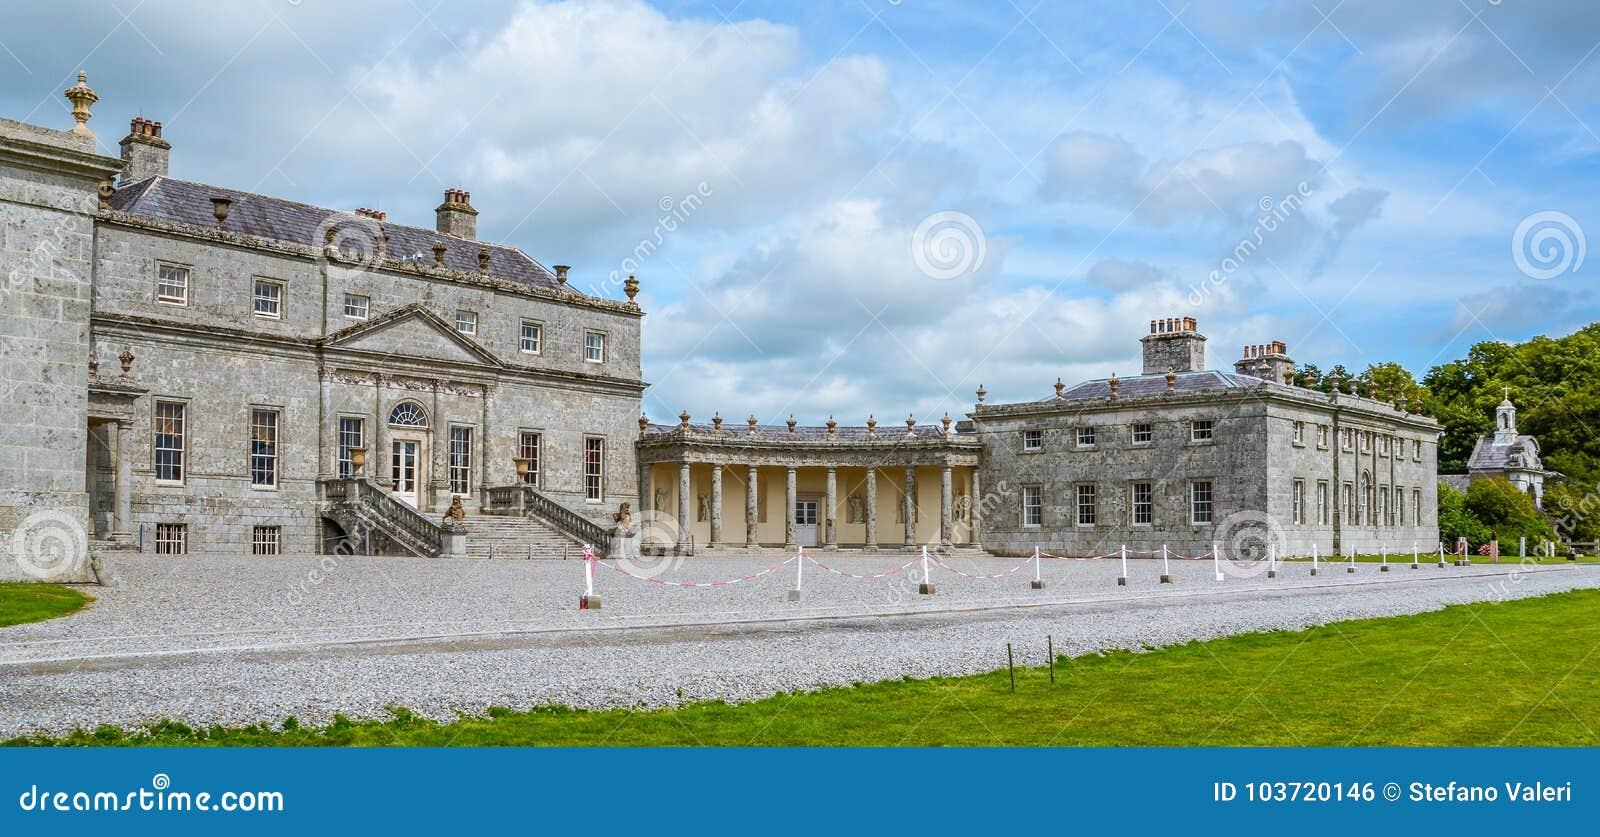 Russborough dom, okręg administracyjny Wicklow, Irlandia